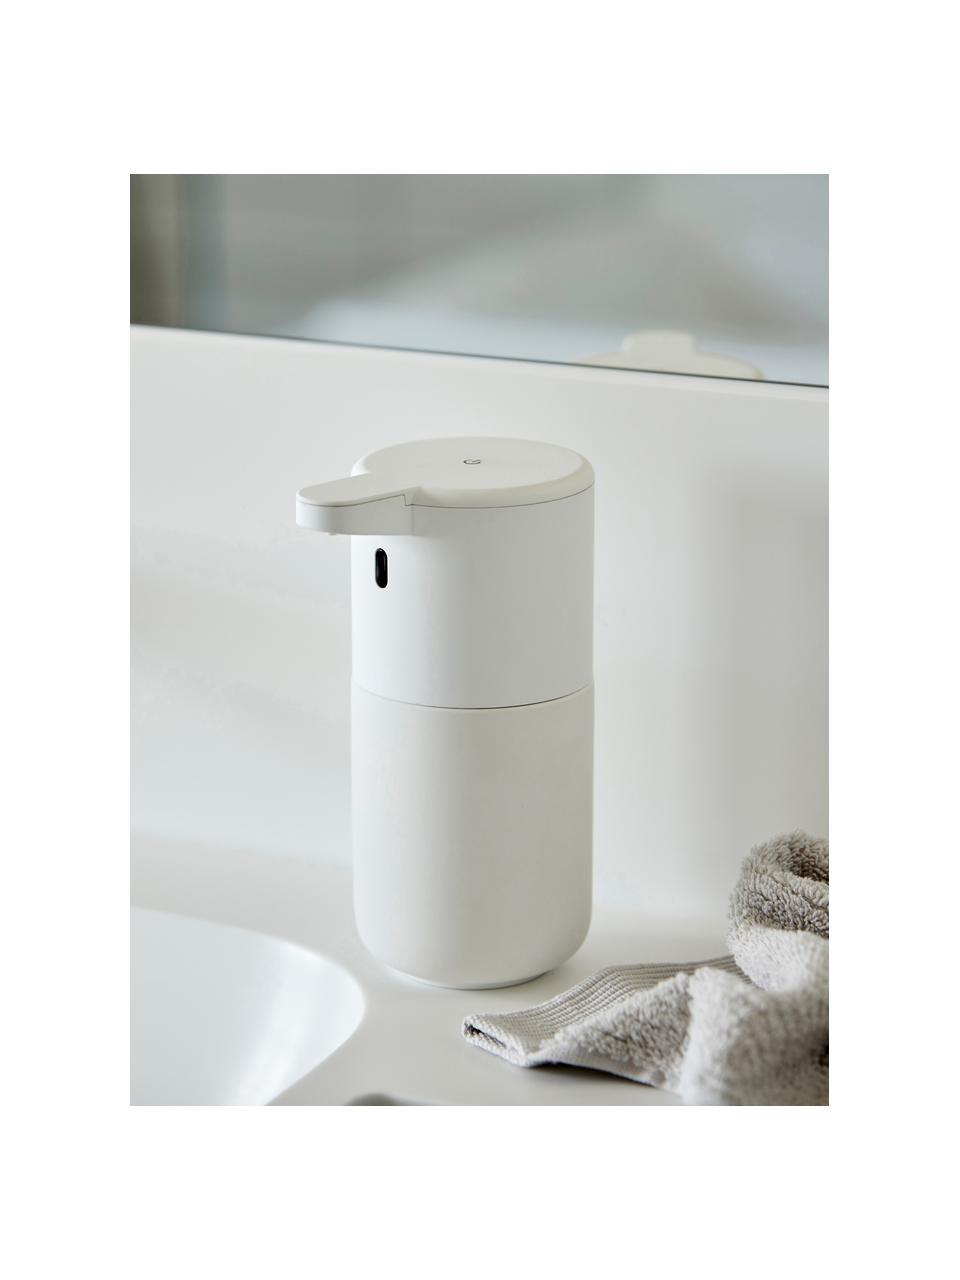 Seifenspender Ume aus Steingut mit Sensor, Steingut, Weiß, Ø 12 x H 17 cm